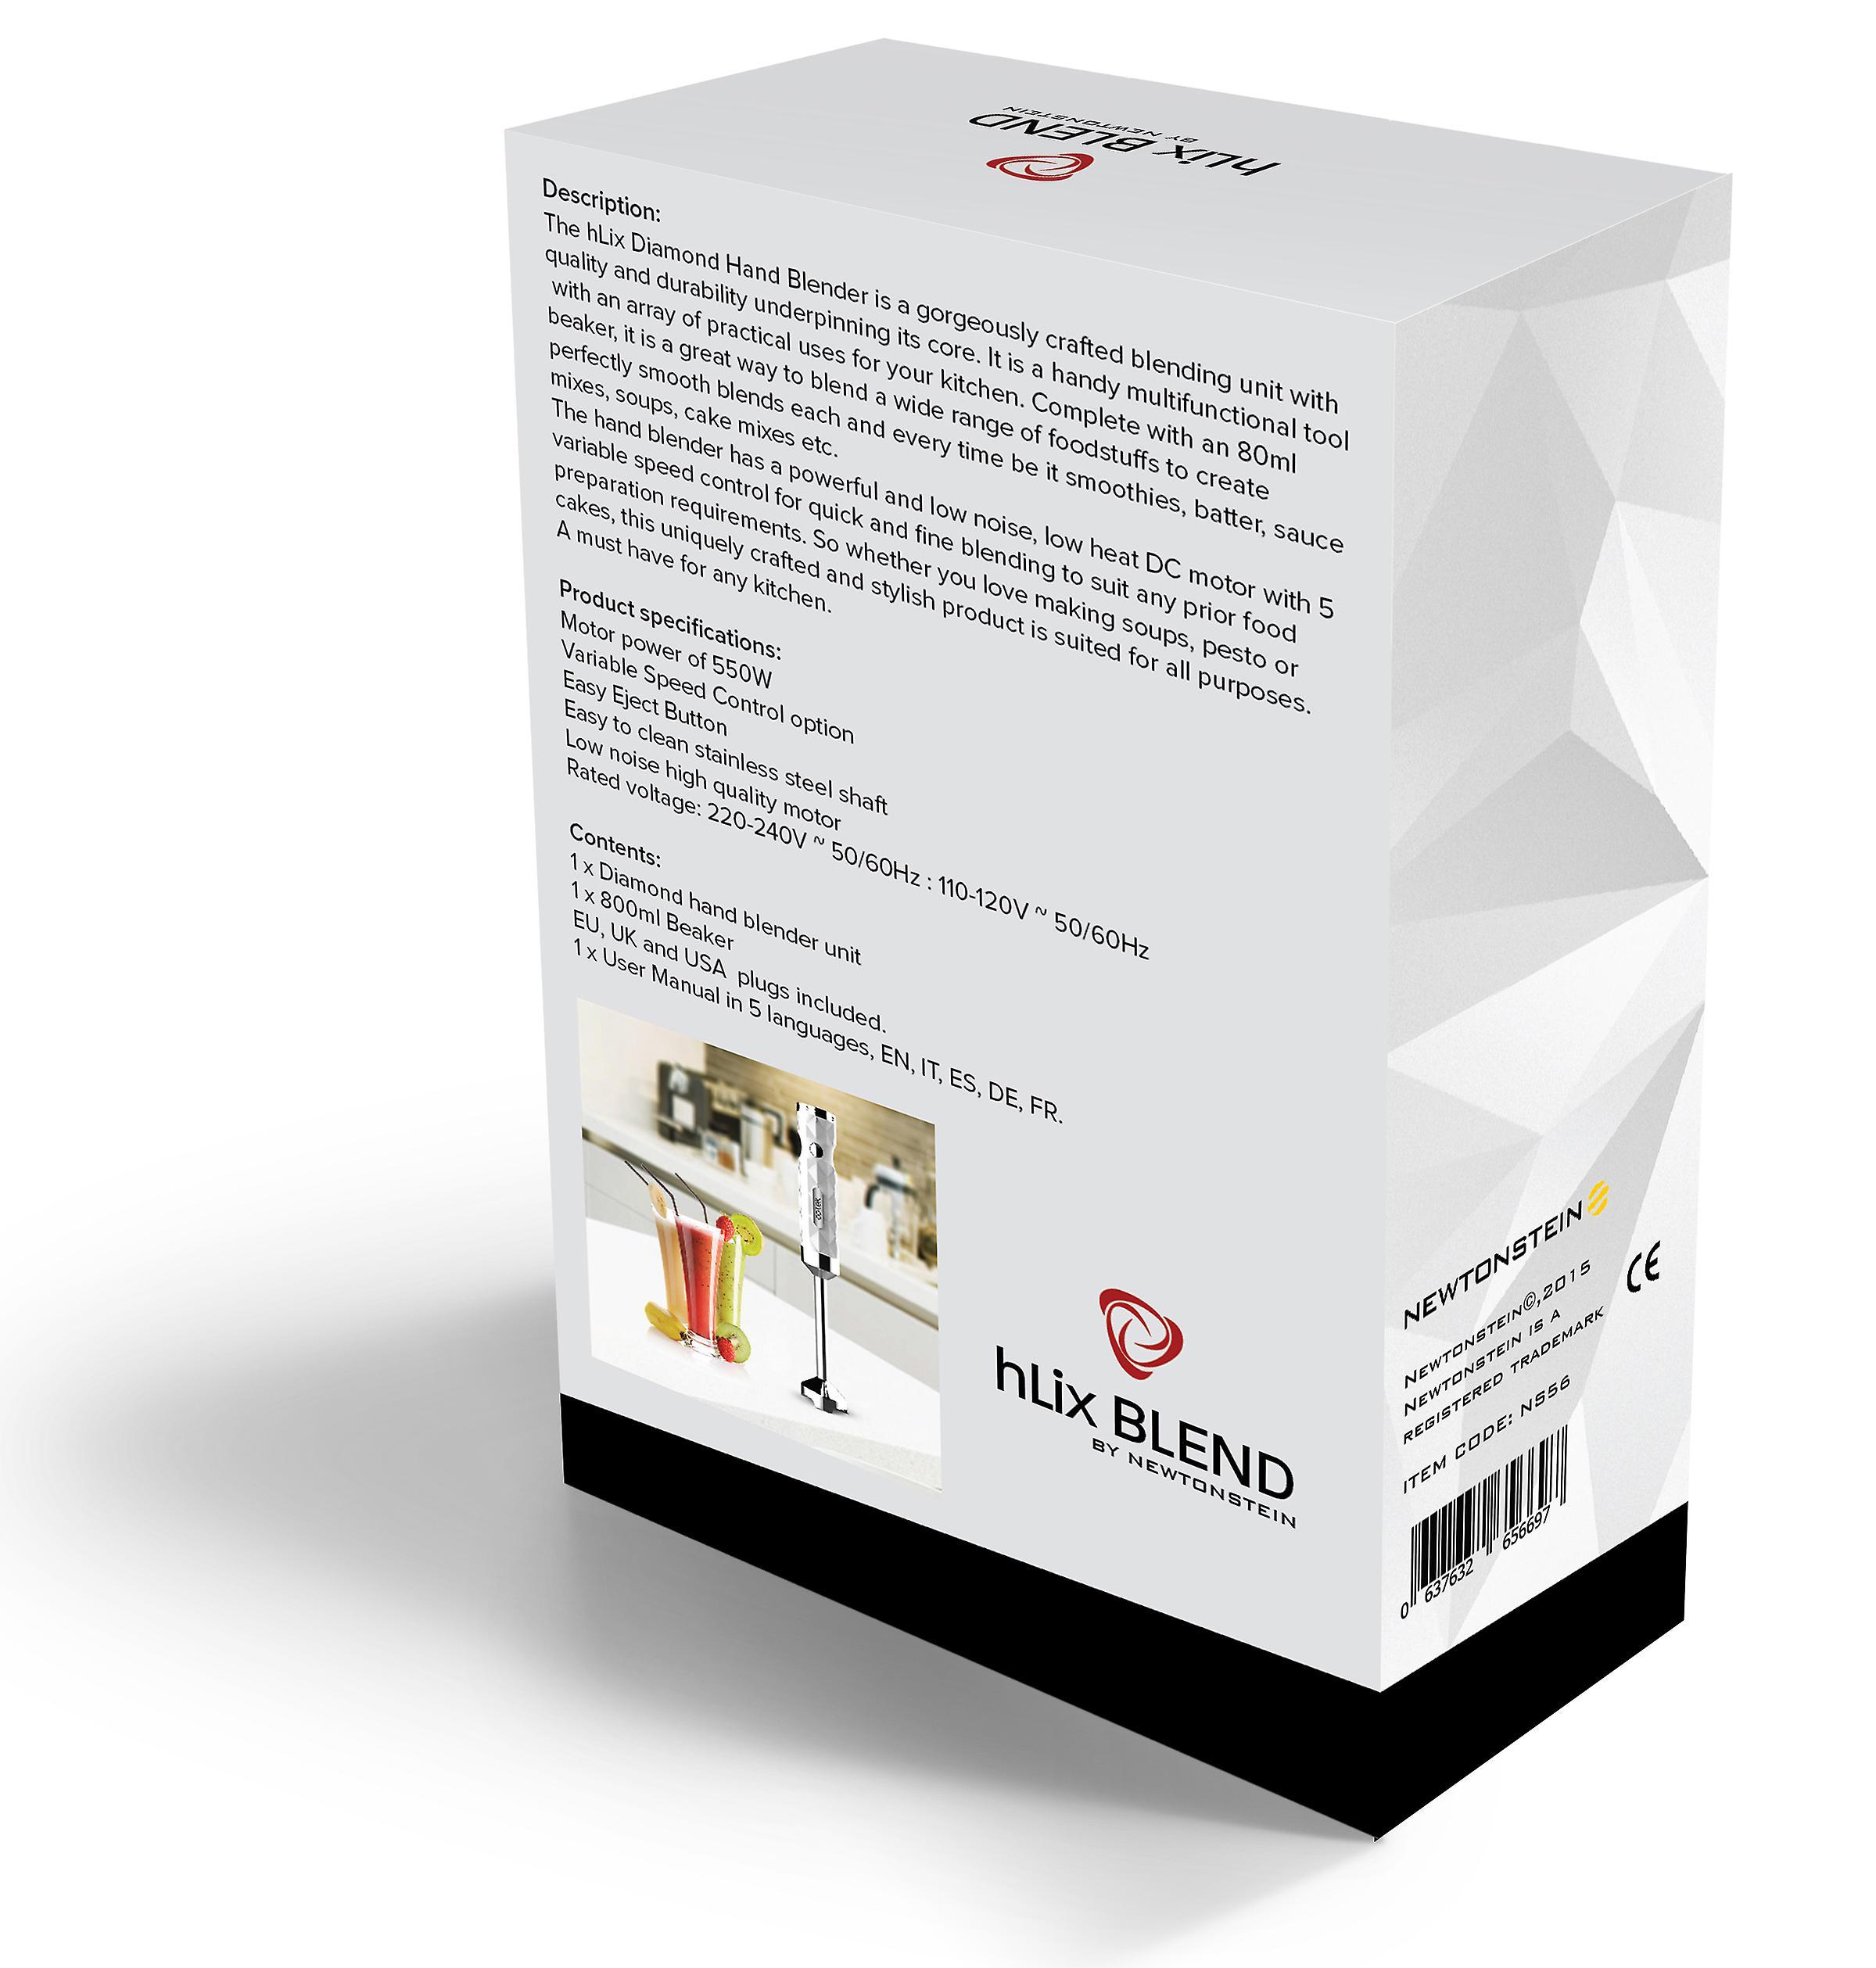 HLix mix - Diamond wit handblender 550W met voedsel collectie met 700ml-bekerglas + 5 versnellingen optie